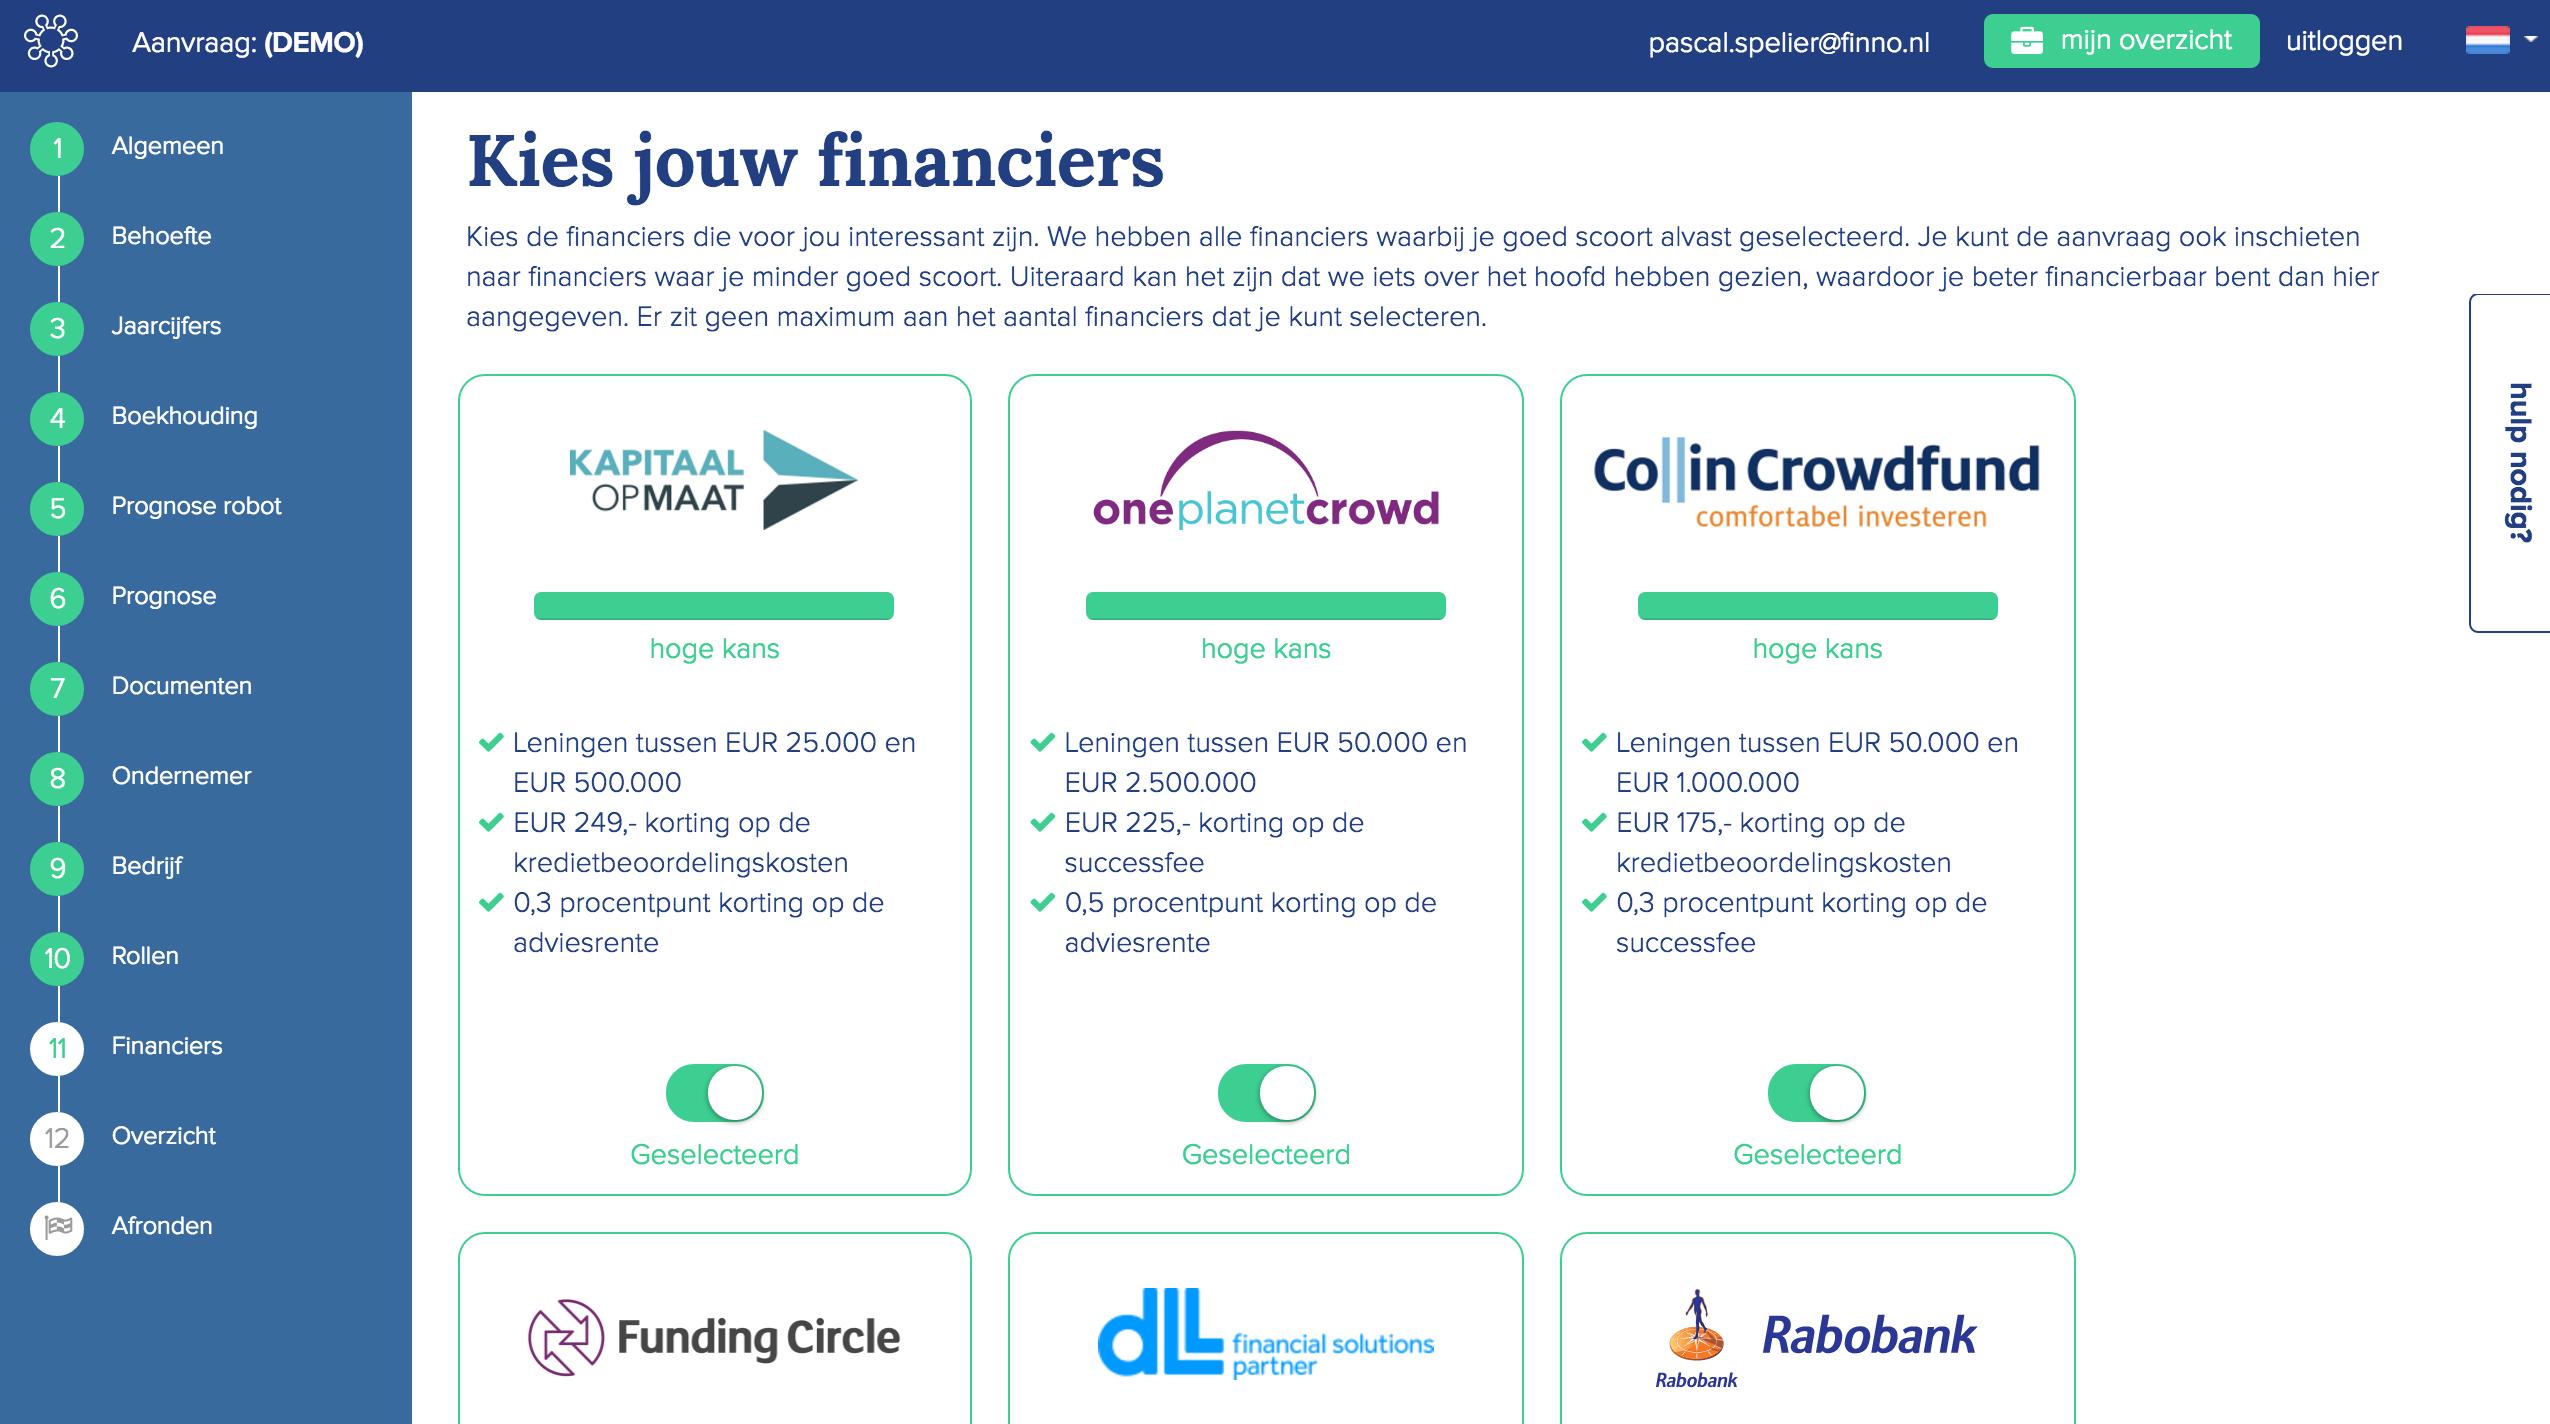 LoanStreet-financiers-kiezen-finno